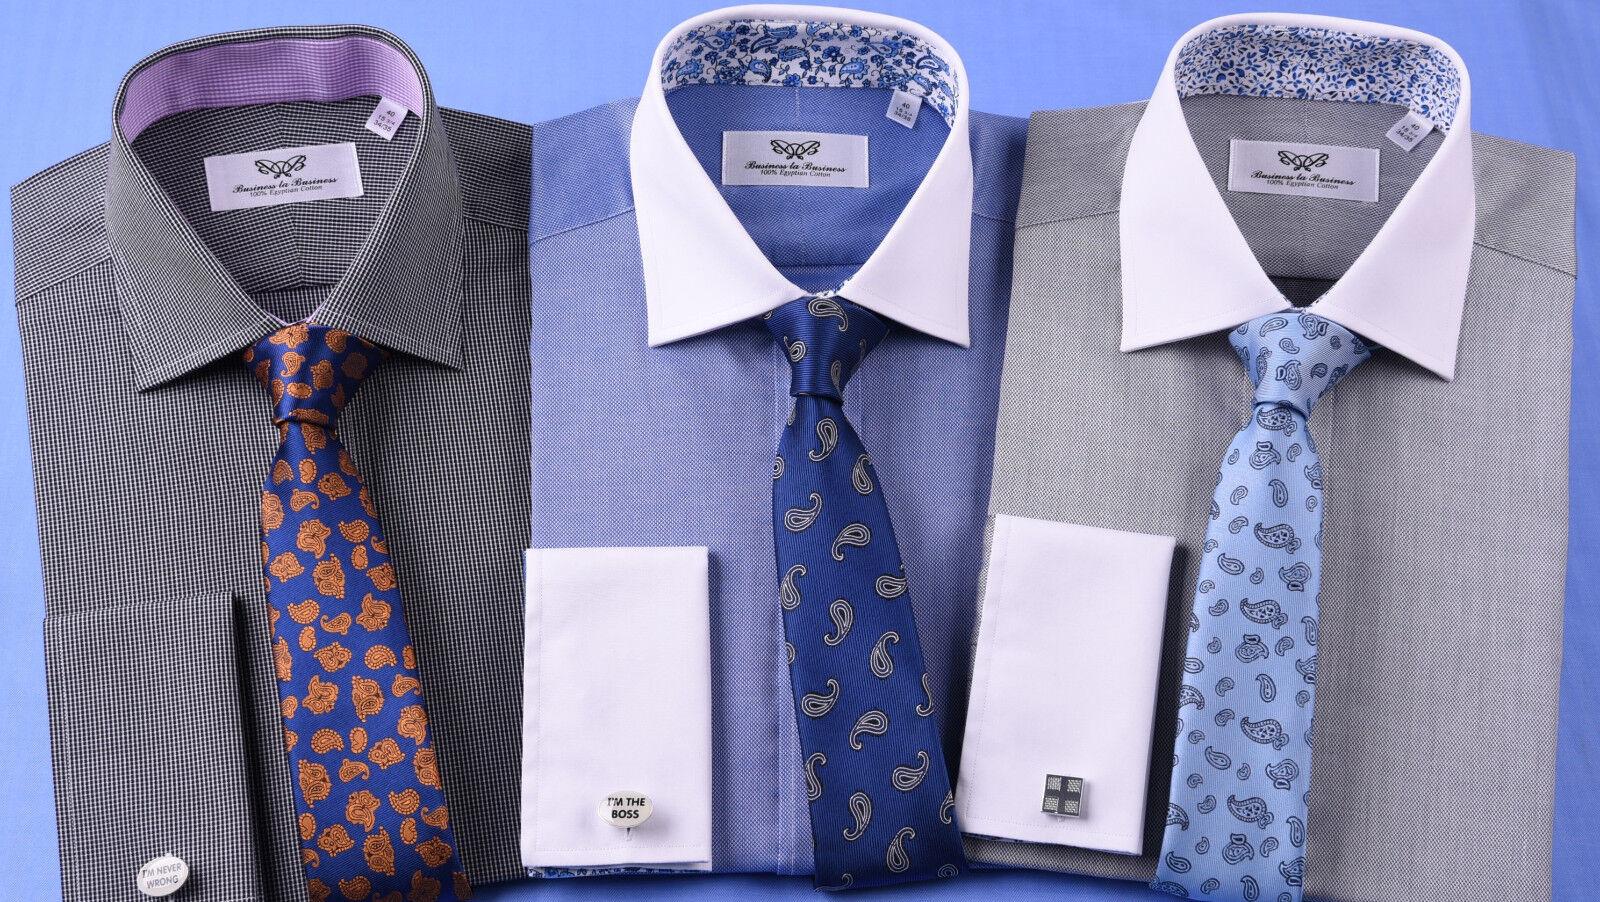 3x  Herren Formal & Geschäft Dress Shirts French Double Cuffs Mixed Ties Lot Bundle